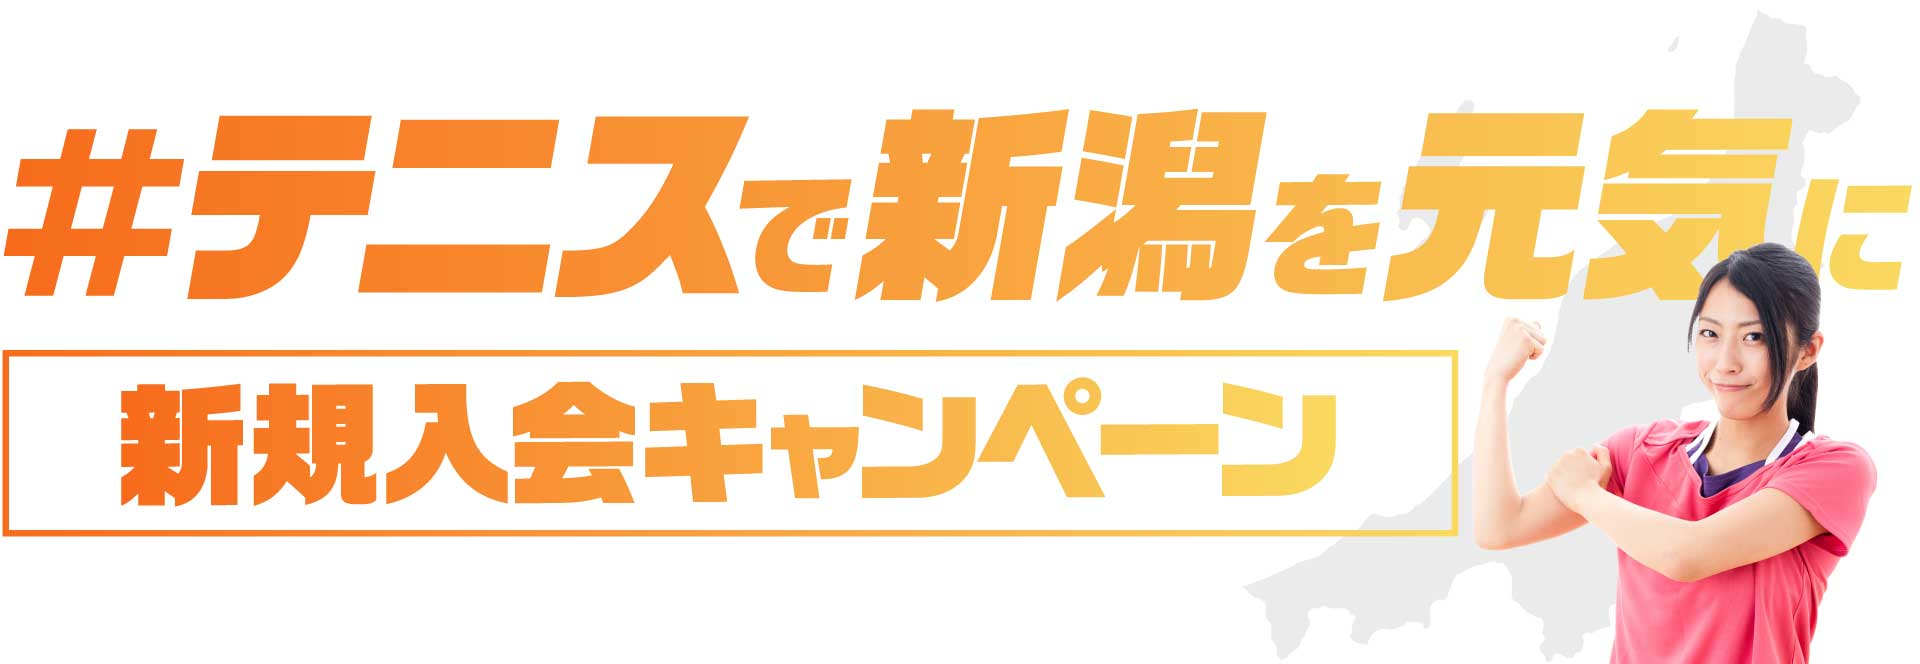 #テニスで新潟を元気に!キャンペーン開催!